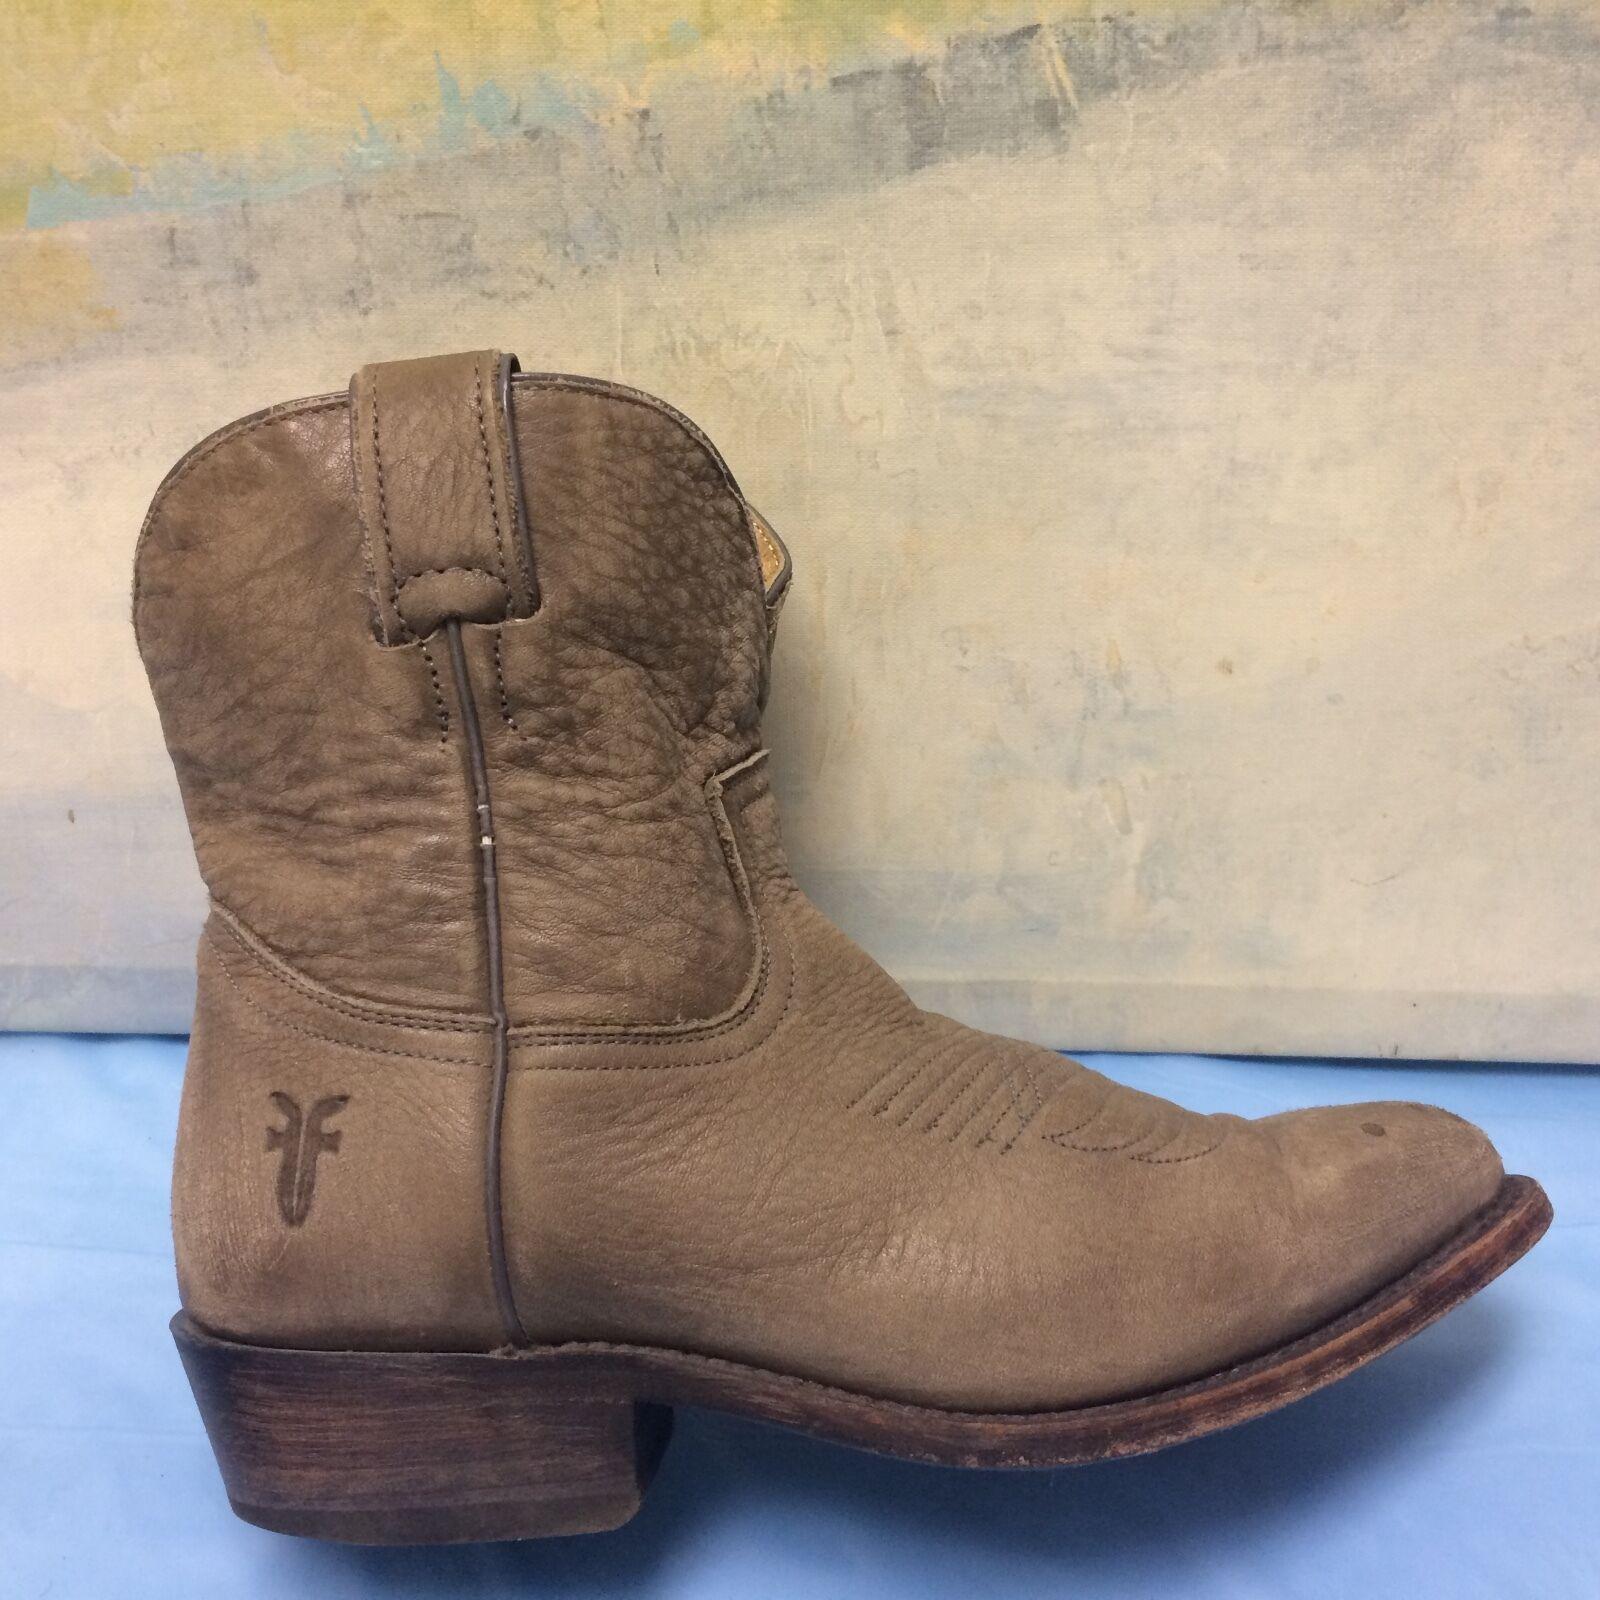 Frye Billy Short Caqui Caqui Caqui 77815 botas Cuero vaquera para mujer Talla 7 B  calidad garantizada